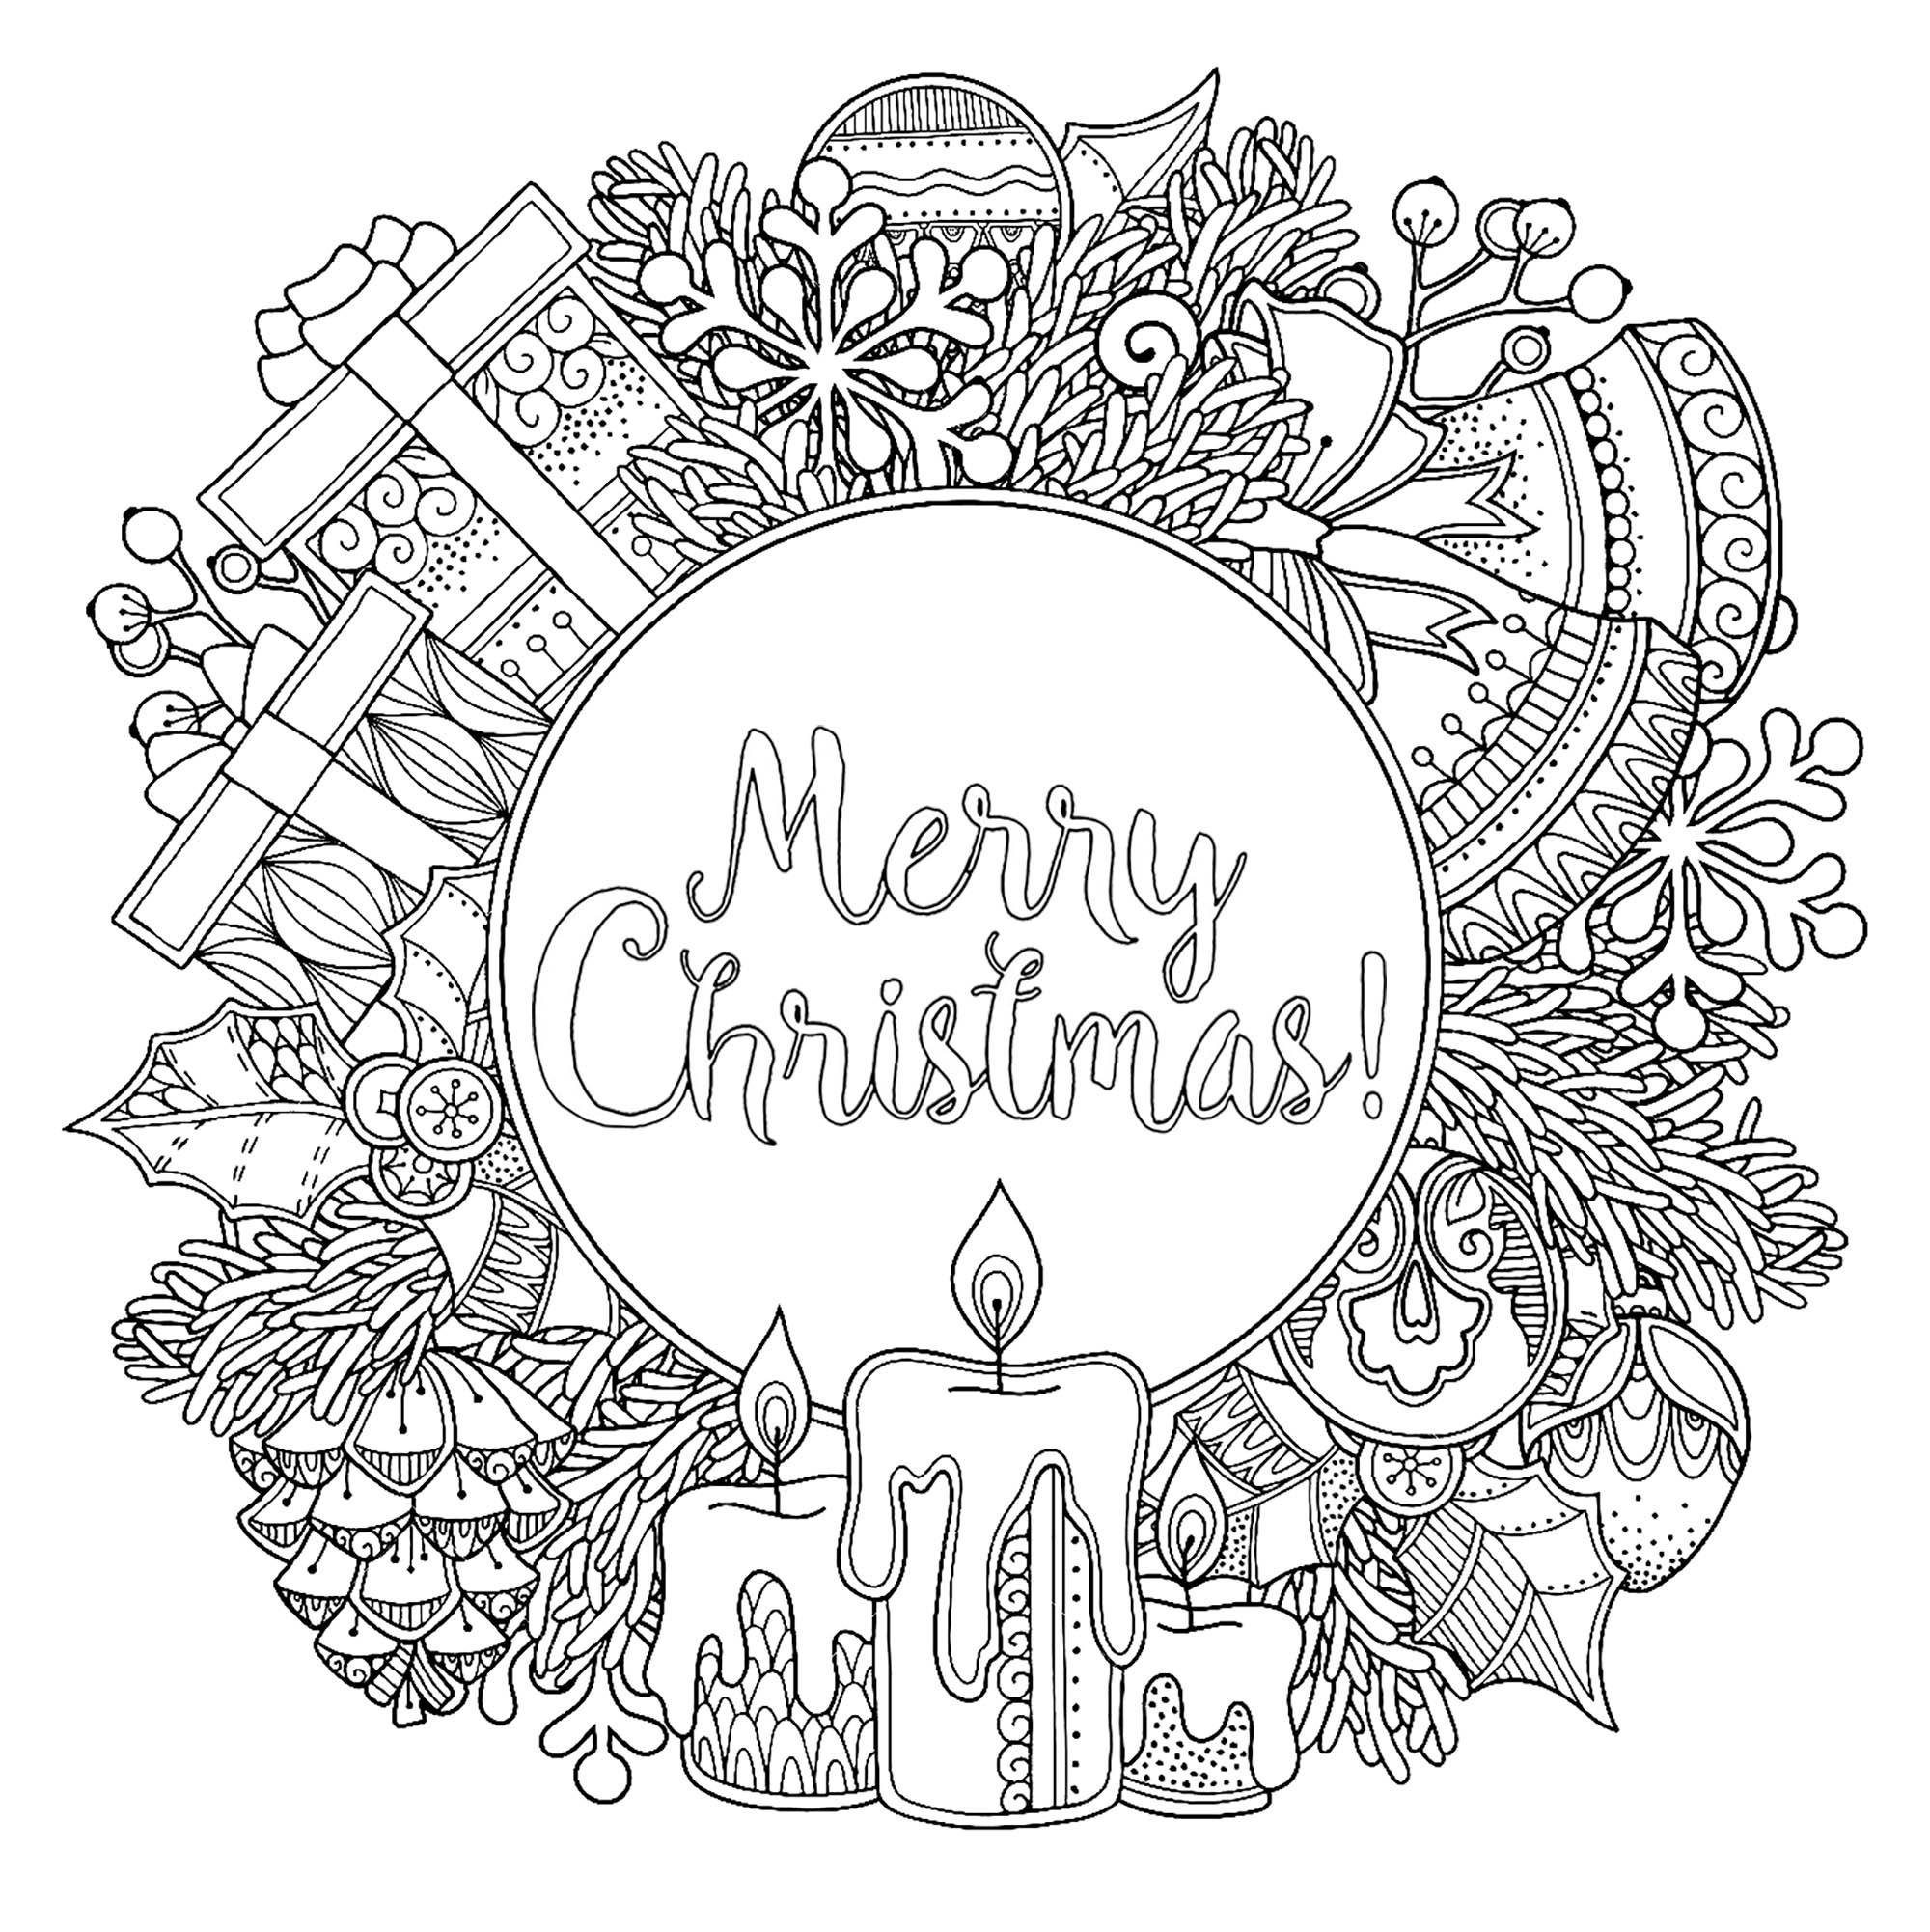 """Coloriage Circulaire """"Merry Christmas"""" - Noël - Coloriages pour Couronne À Colorier"""